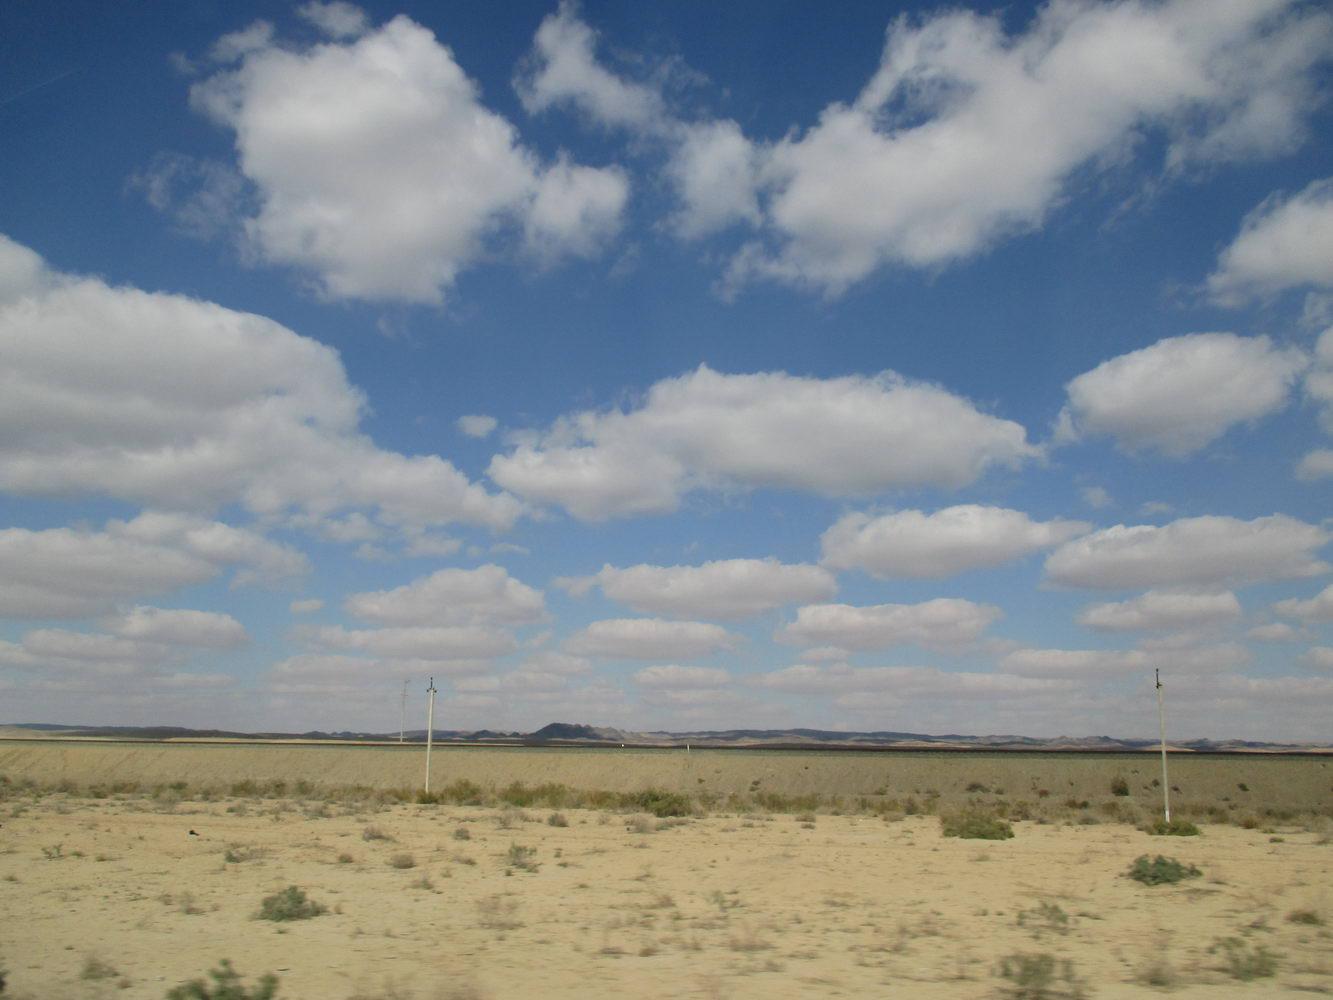 пустыня кызылкум. путь из узбекистана в казахстан автостопом